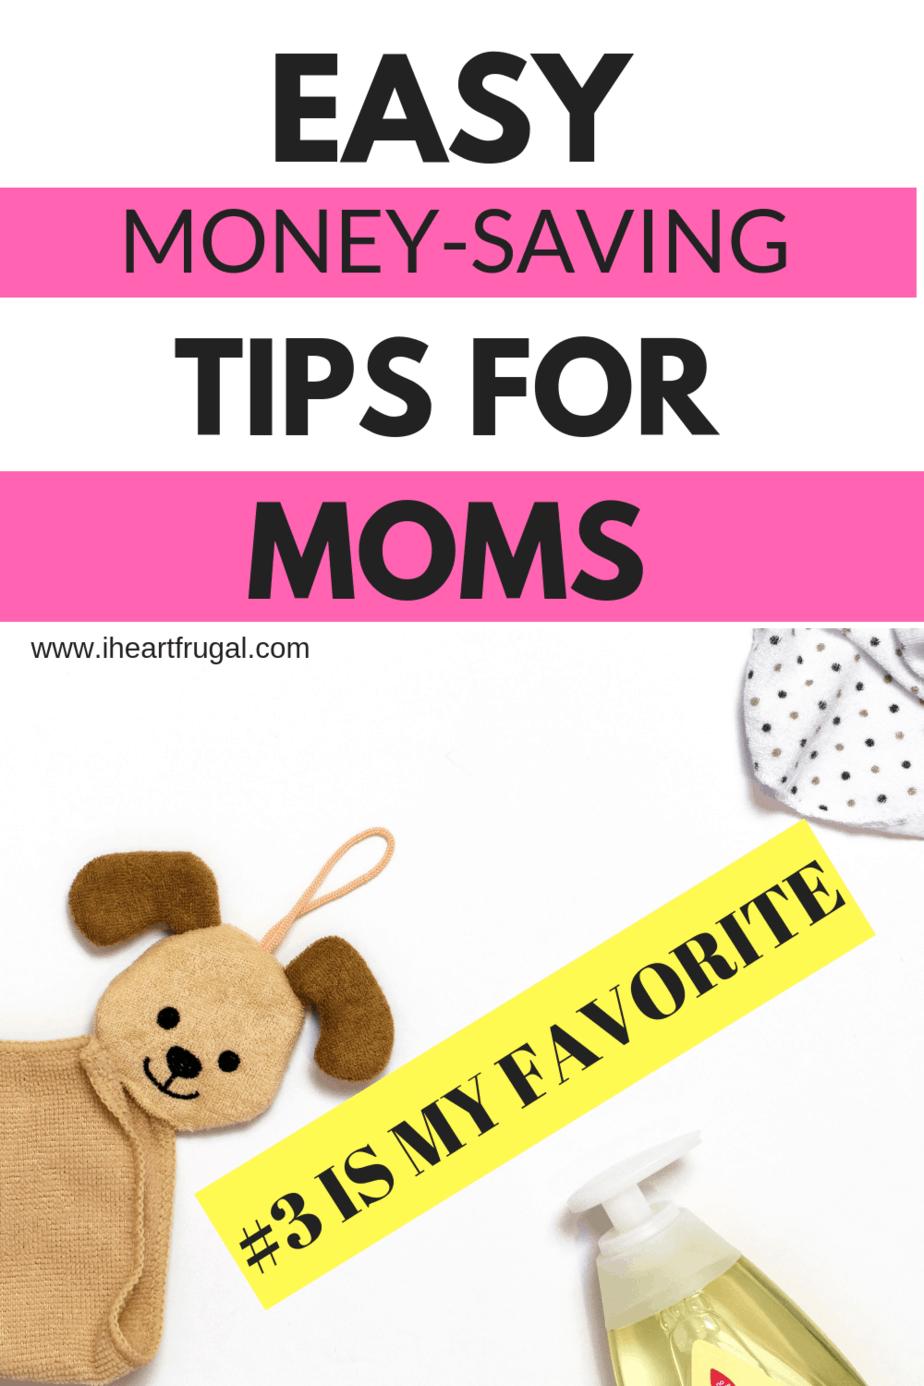 Easy Money-Saving Tips for Moms